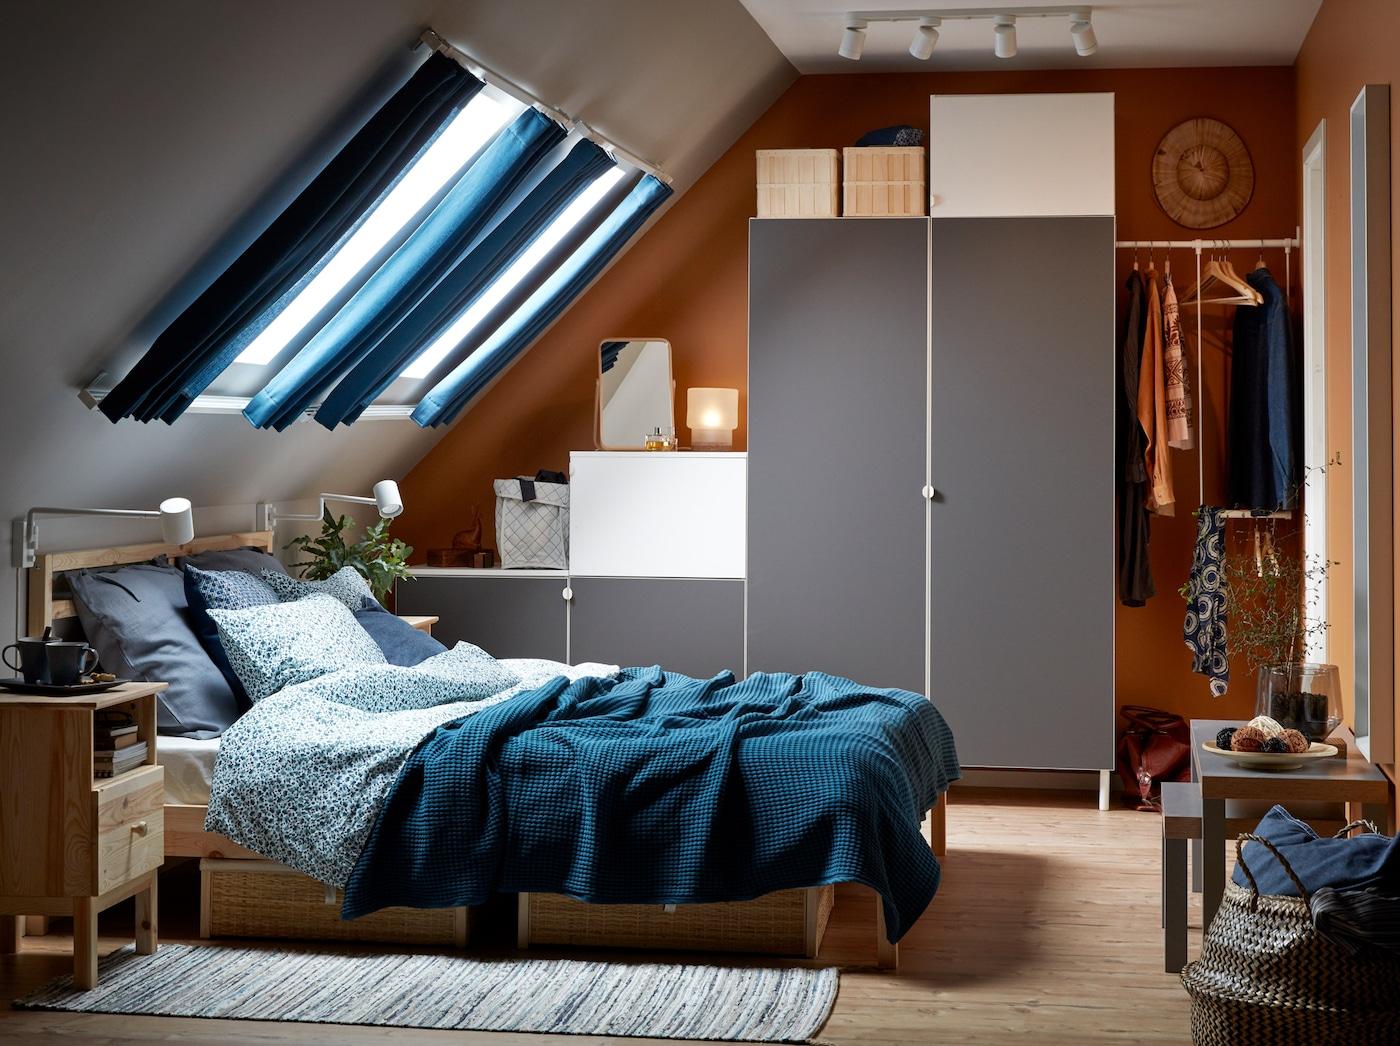 Ein In Blau Grau Gehaltenes Schlafzimmer Mit Dachschräge Und TARVA  Bettgestell In Kiefer Und Hellgrauem